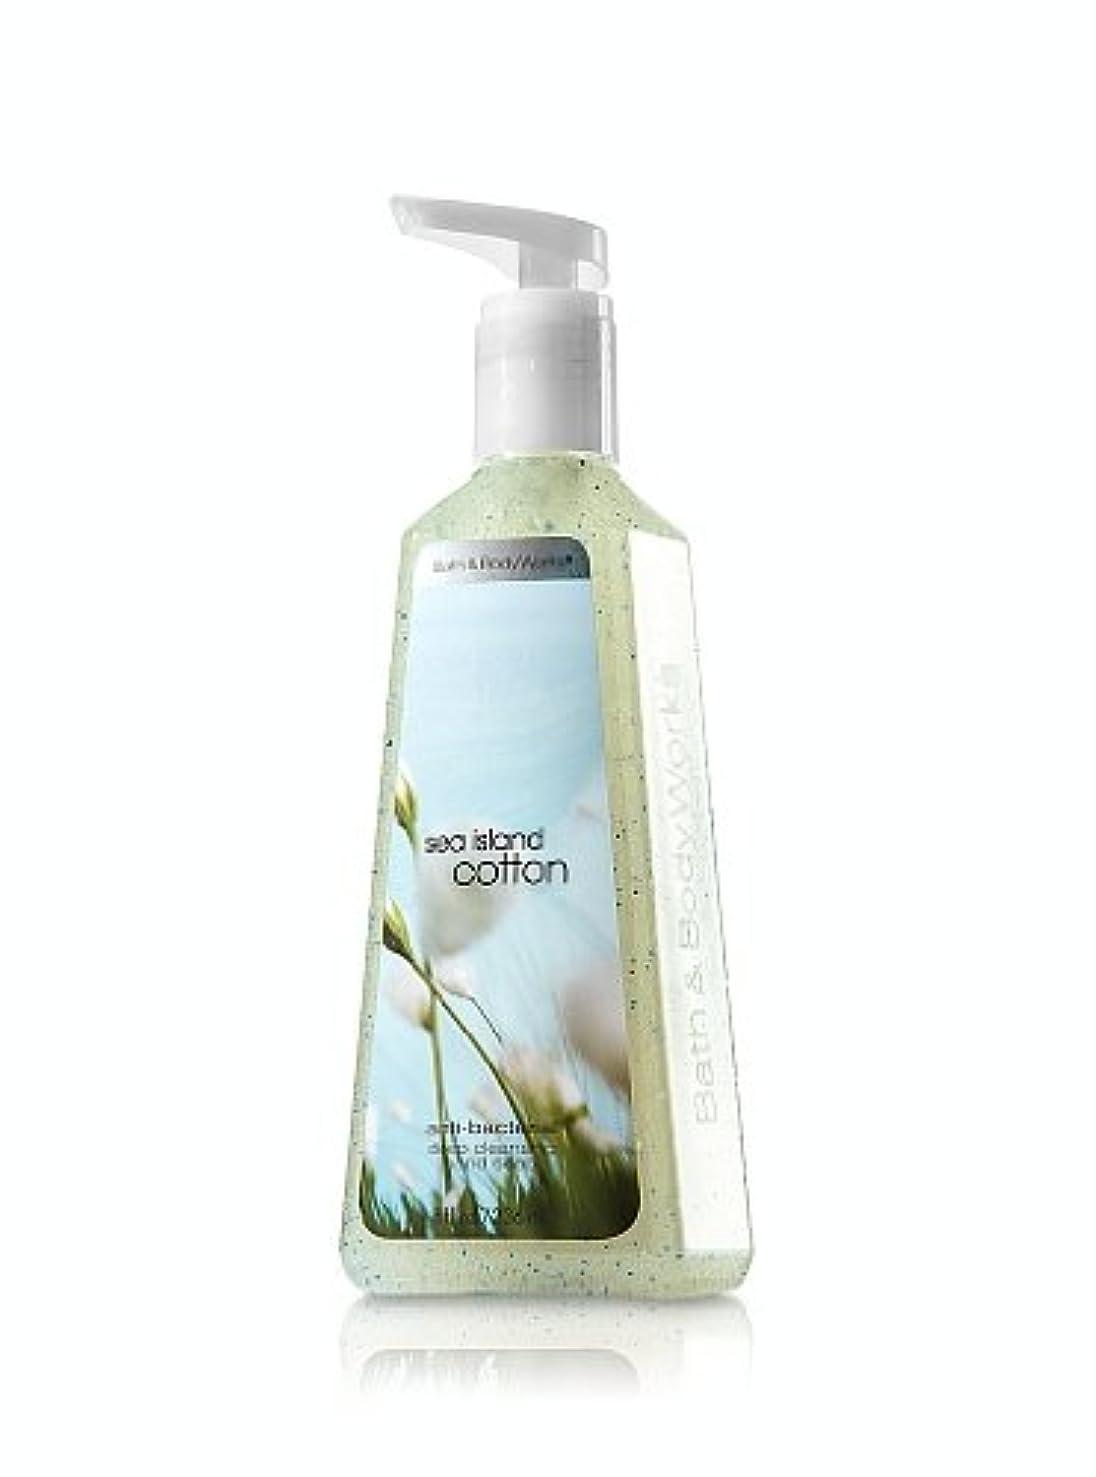 どこか領域葉バス&ボディワークス シーアイランドコットン ディープクレンジングハンドソープ Sea Island Cotton Deep Cleansing Hand Soap [並行輸入品]